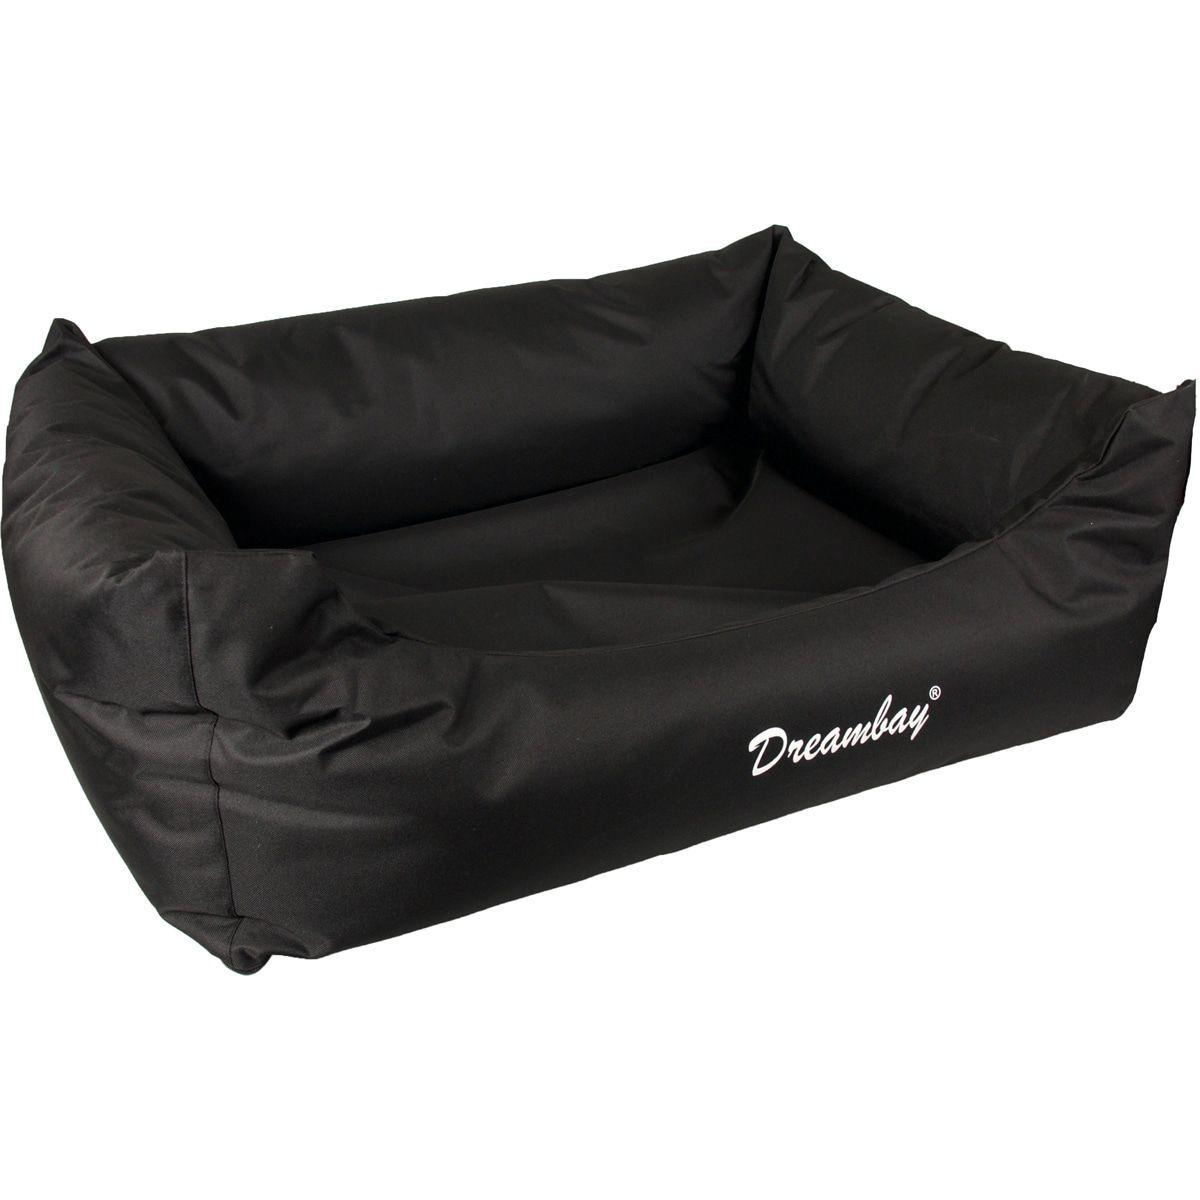 Hondenmand Dreambay 80 X 67 X 22 Cm Hondenmand Zwart Dierenwinkel